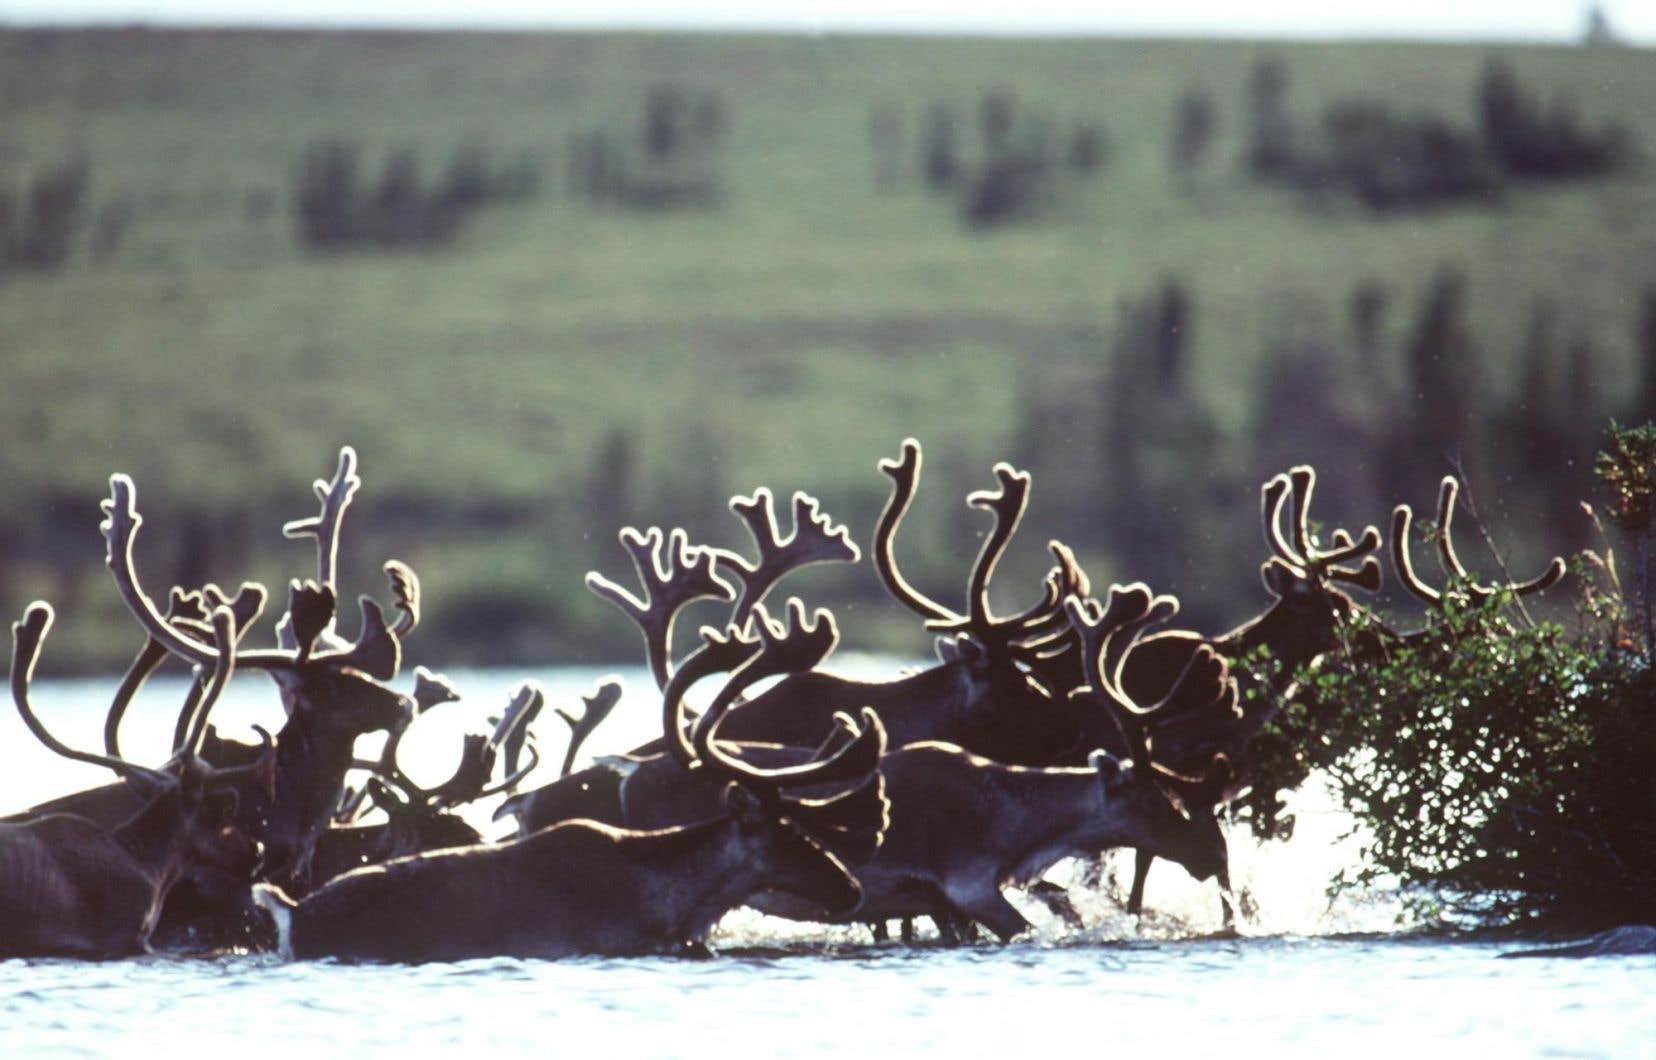 <p>Le caribou forestier est une espèce désignée comme vulnérable depuis 2005 au Québec, en vertu de la Loi sur les espèces menacées ou vulnérables.</p>